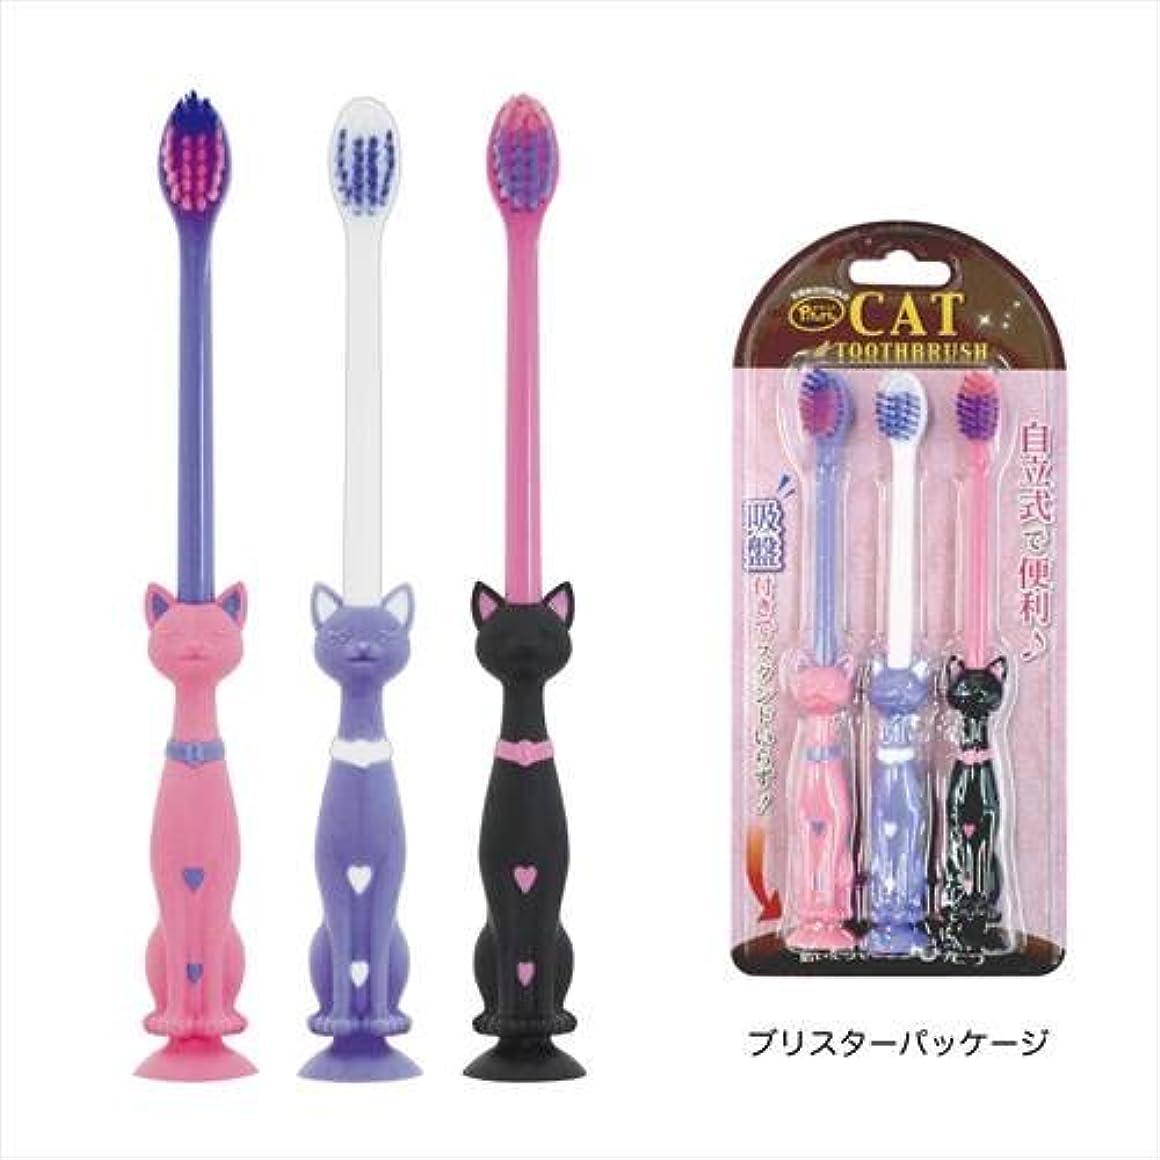 ファニー歯ブラシ ネコ 3本セット